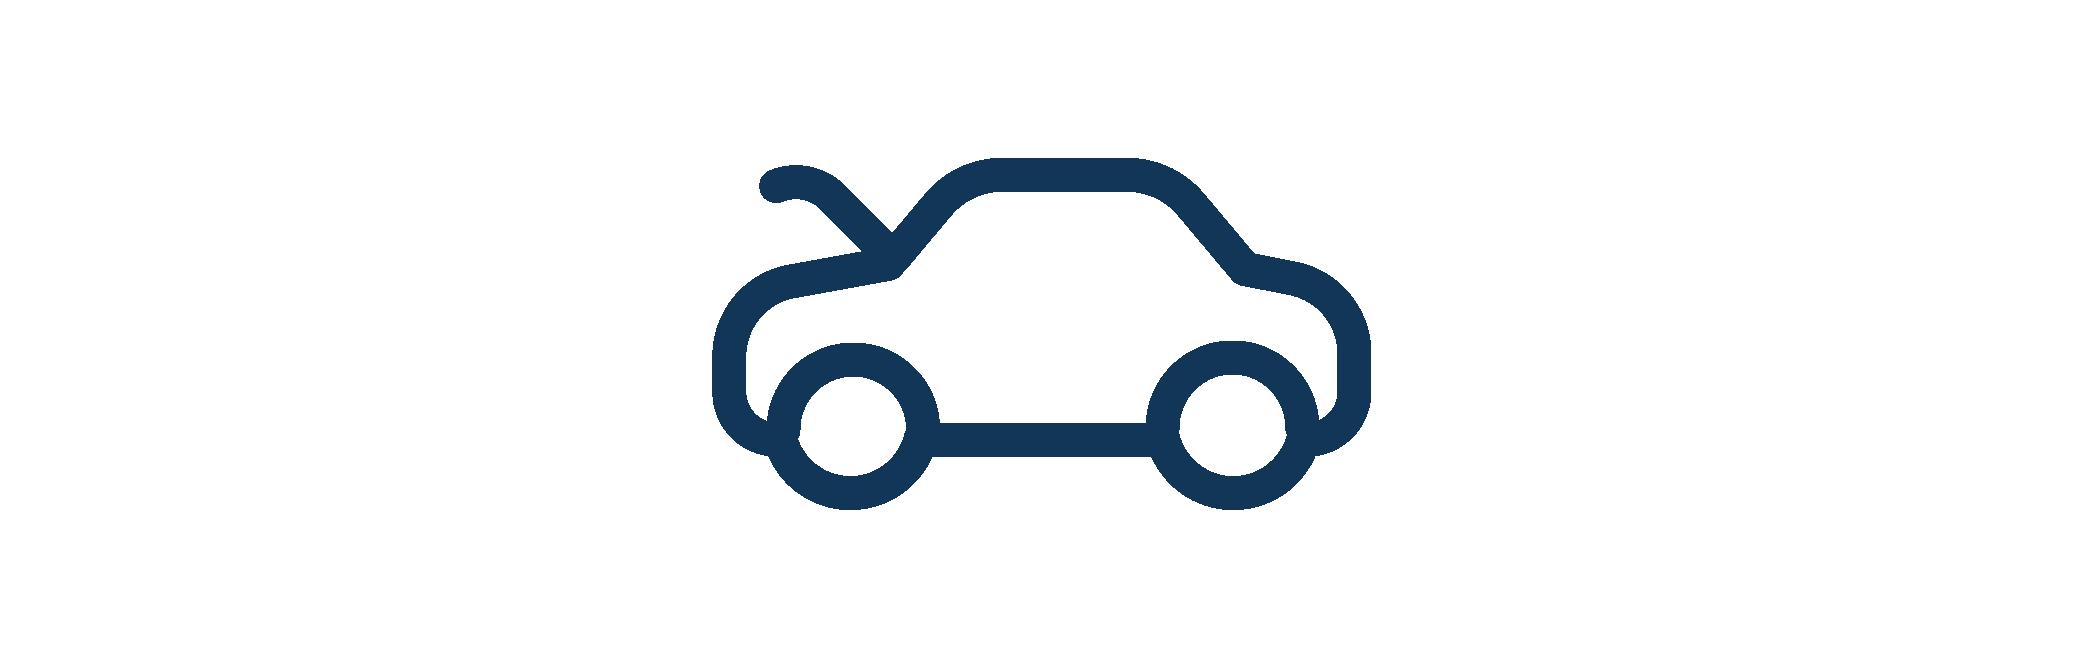 Unfallregulierung - Fachanwaltskanzlei für Verkehrsrecht in Altenessen Kim Eva Werner-Thrien